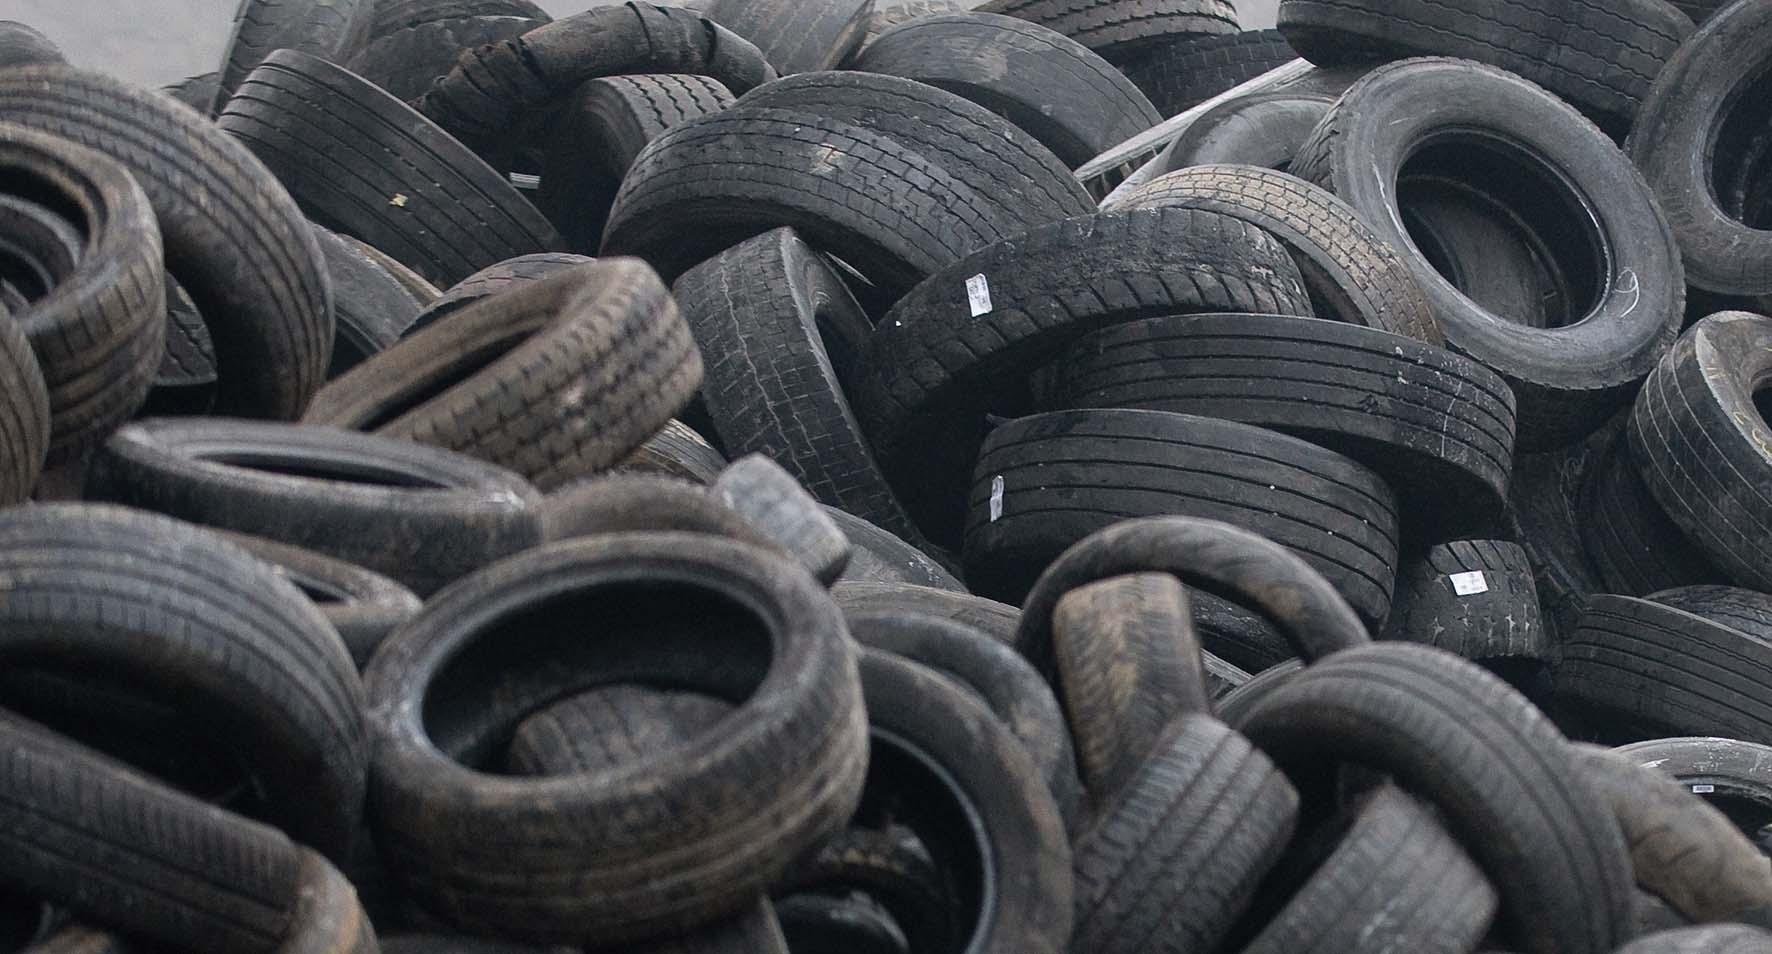 Fototeca UE riciclaggio pneumatici selezione 2